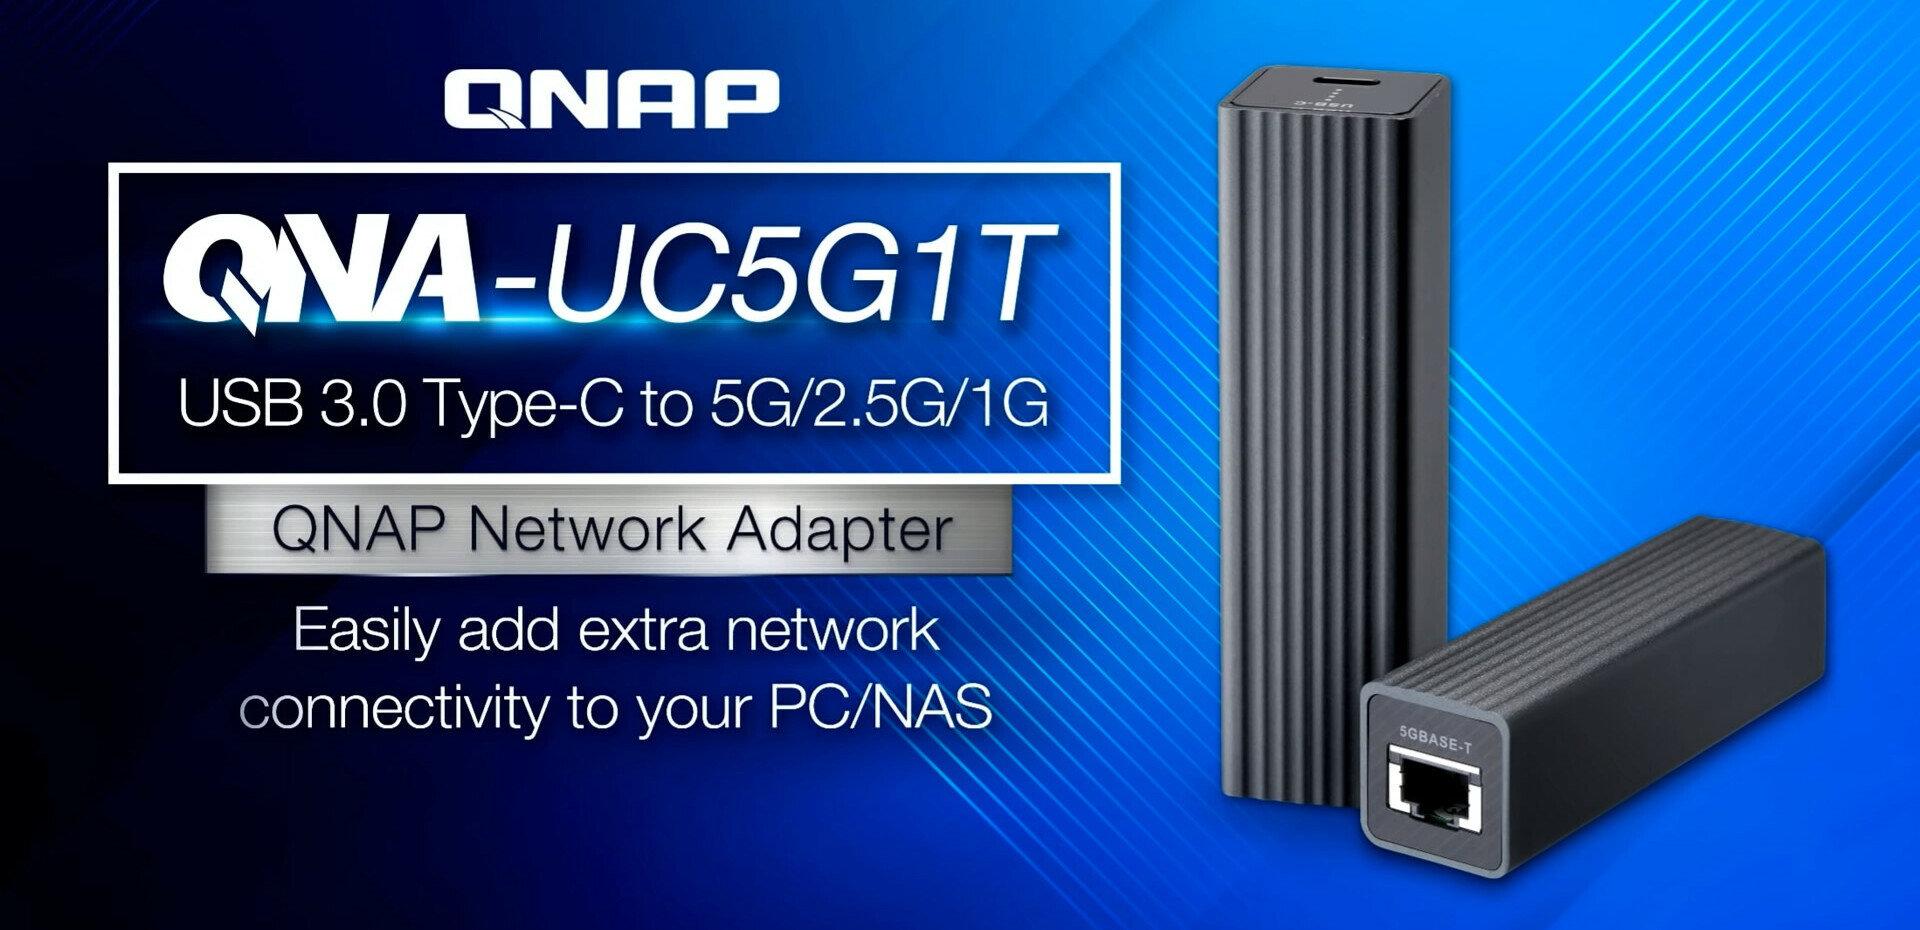 QNA-UC5G1T de QNAP : obtenez du réseau à 5 Gb/s depuis un port USB 3.0